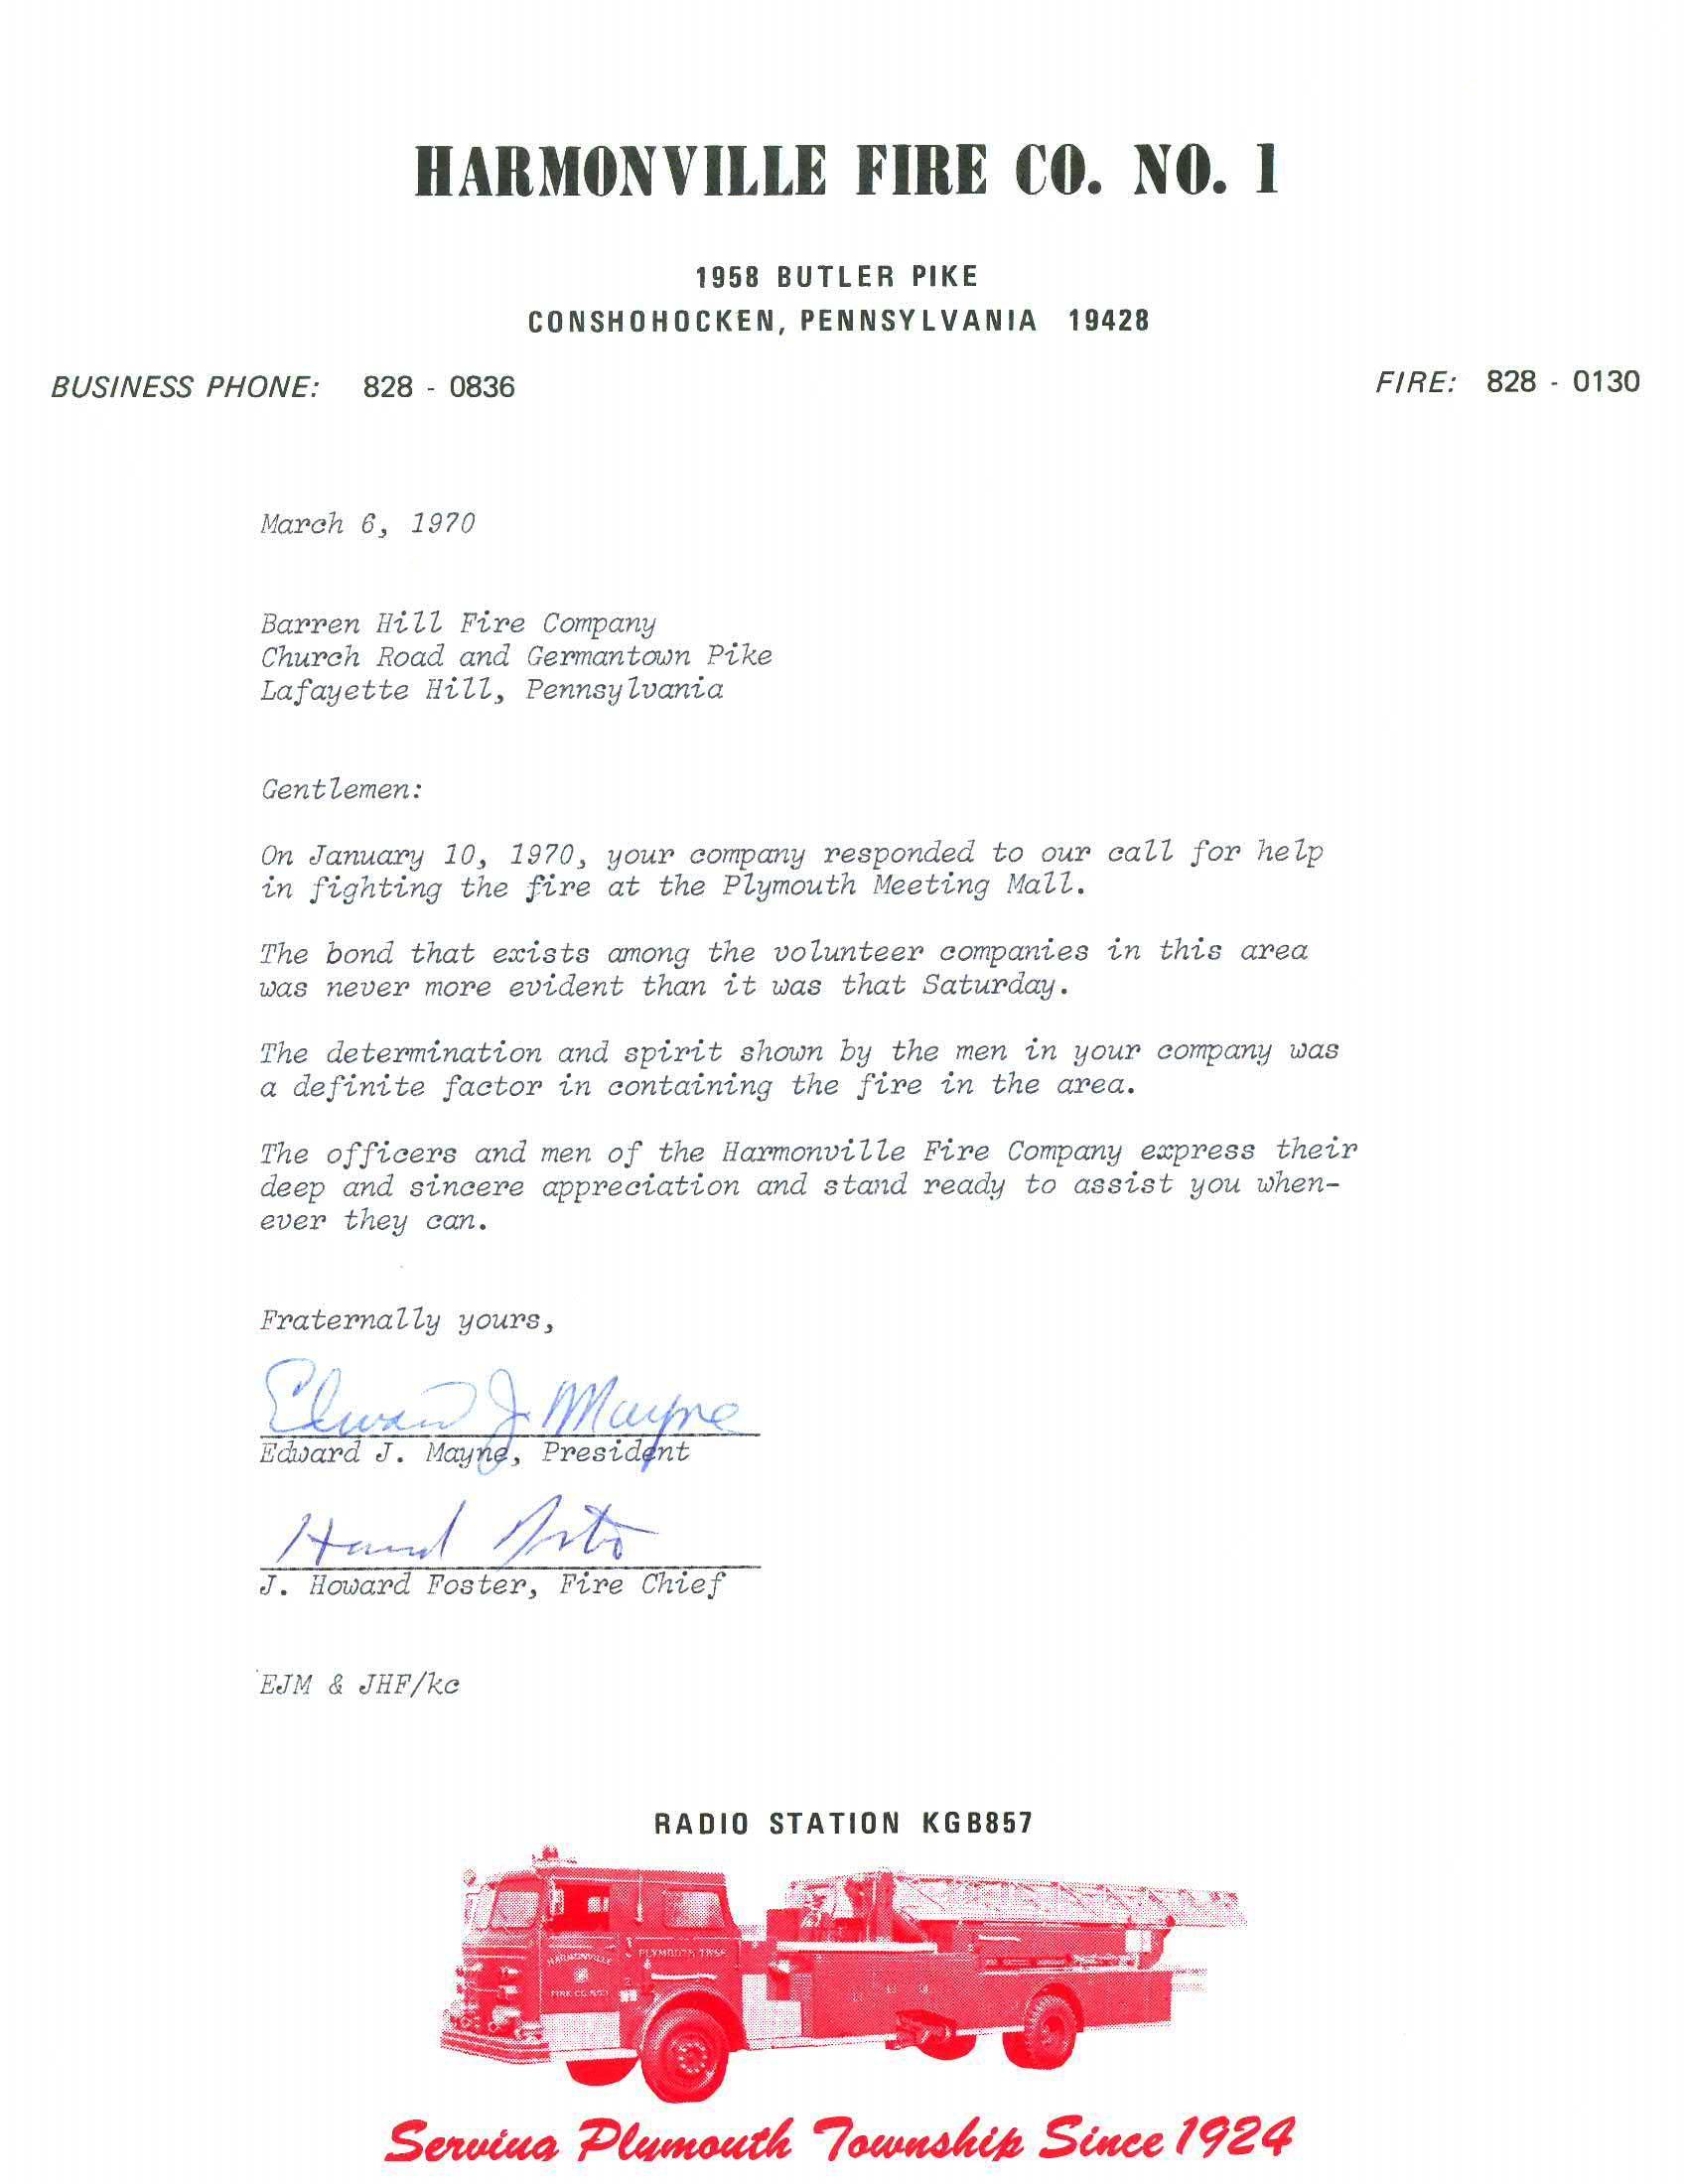 Harmonville Letter - Photo 6.JPG